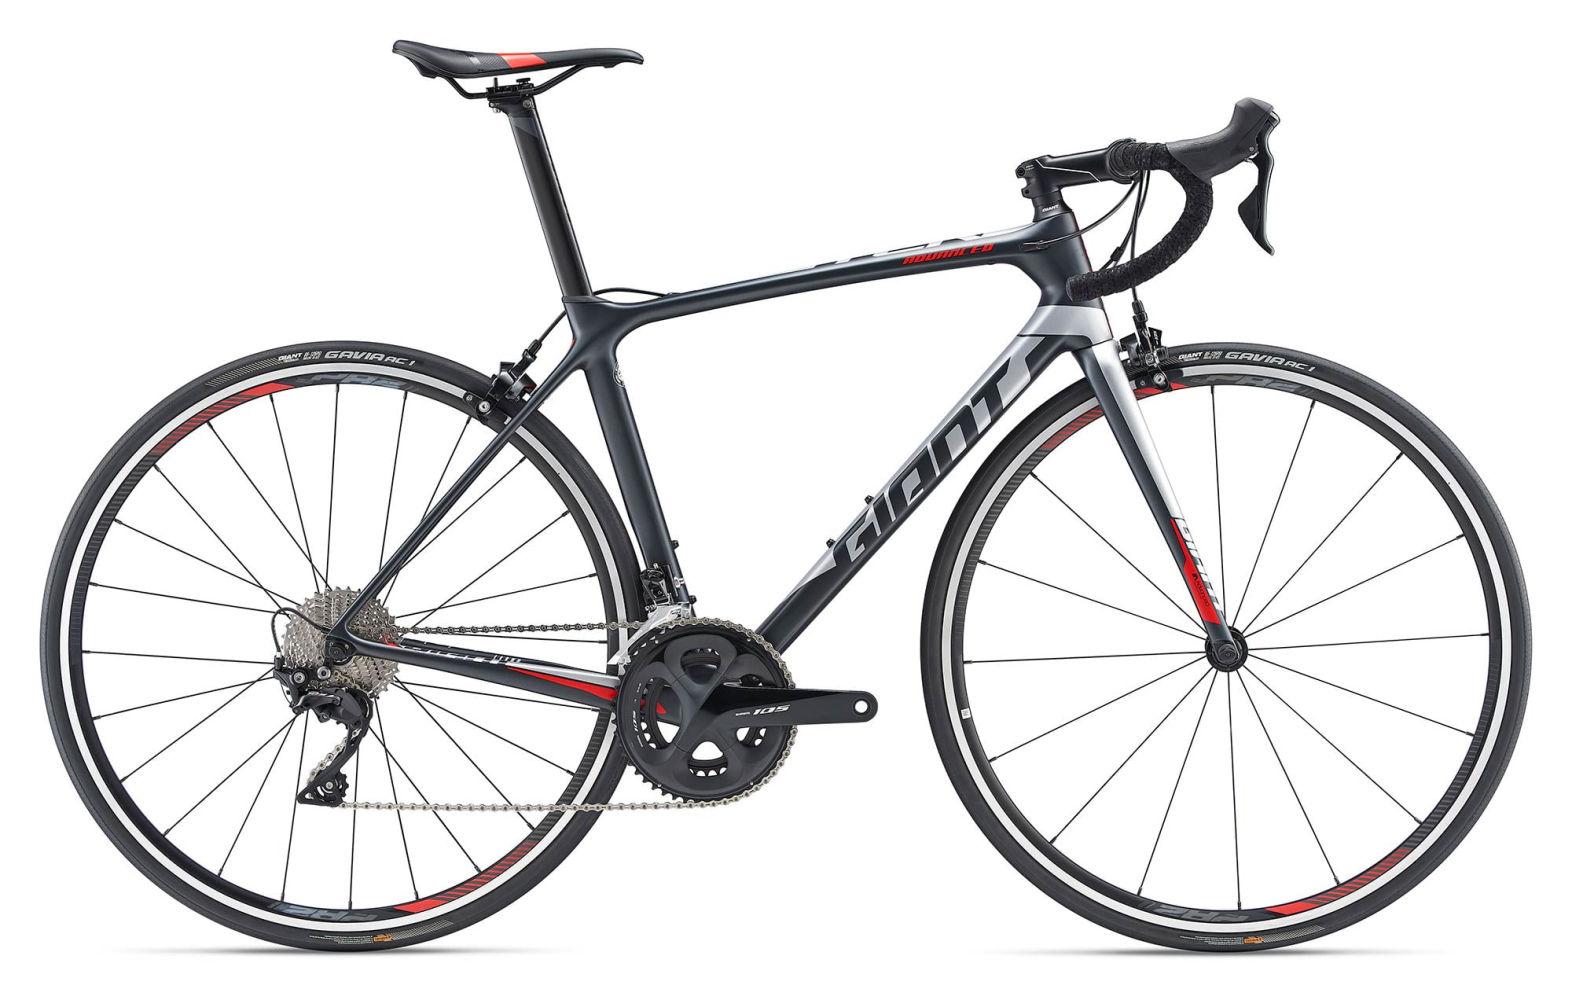 cf6dd2d78ba 2019 Giant TCR Advanced 2 Road Bike in Black €1,849.00